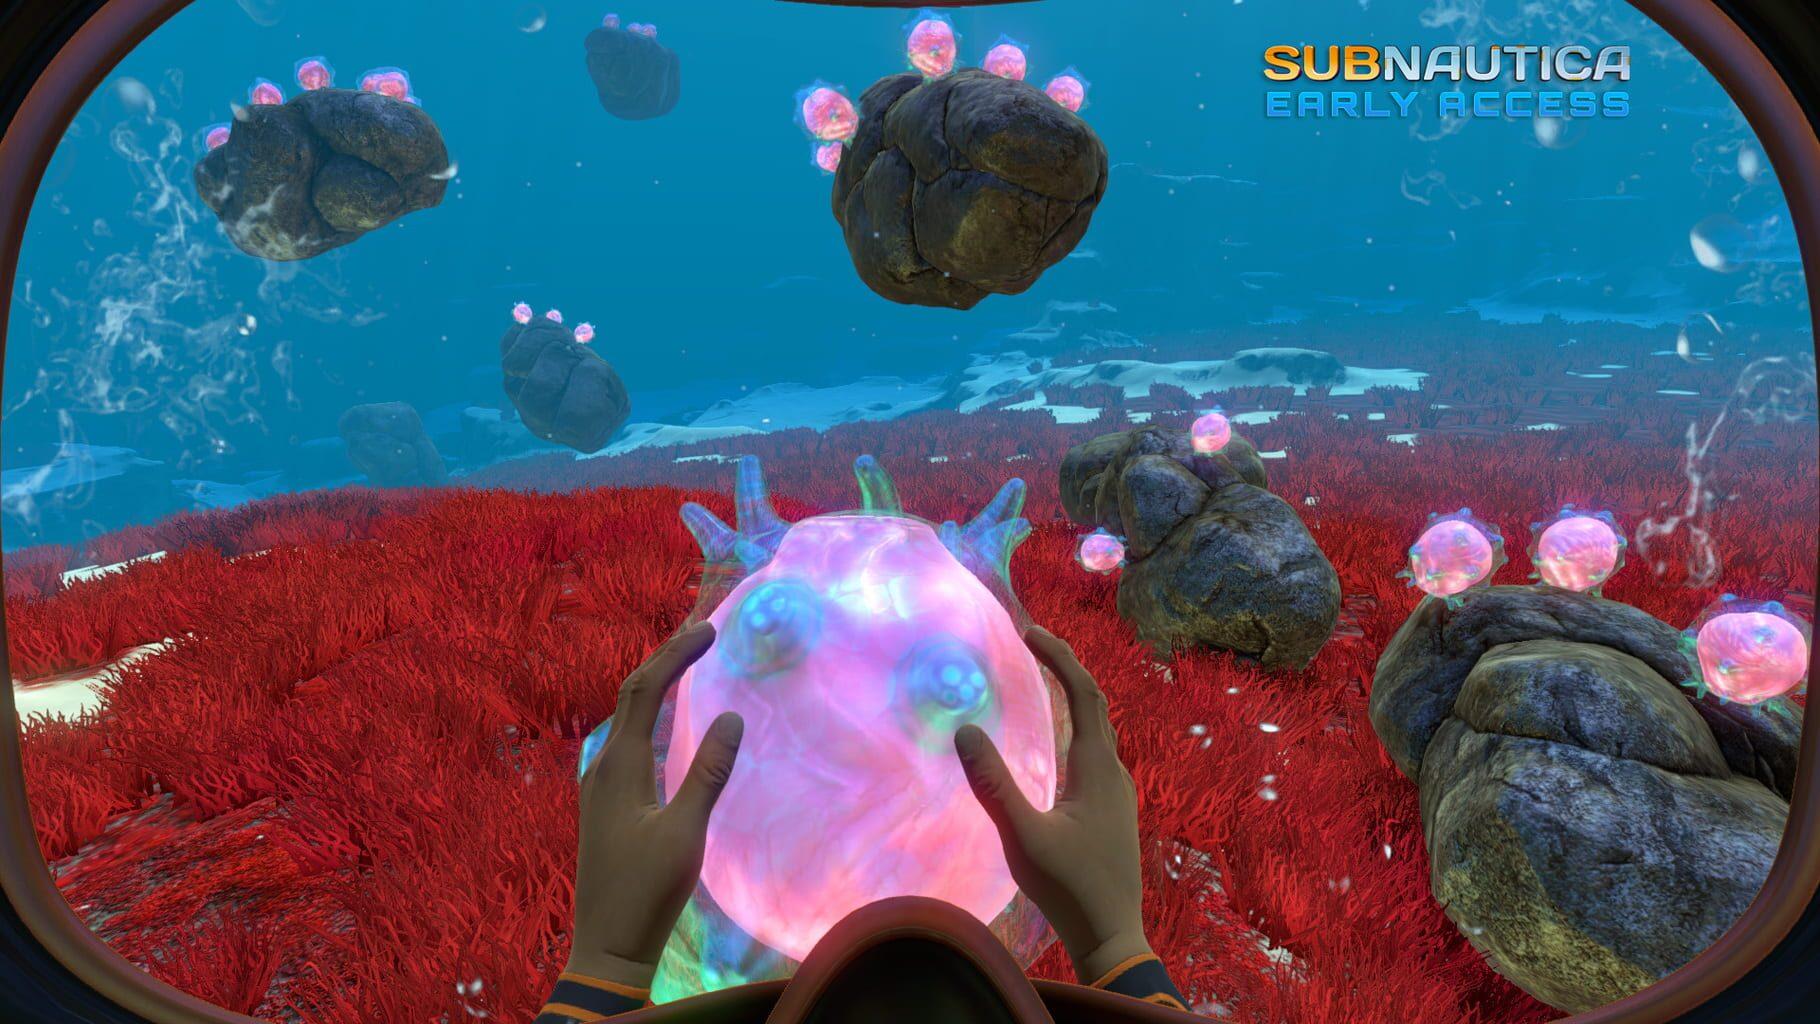 Subnautica - GameVix